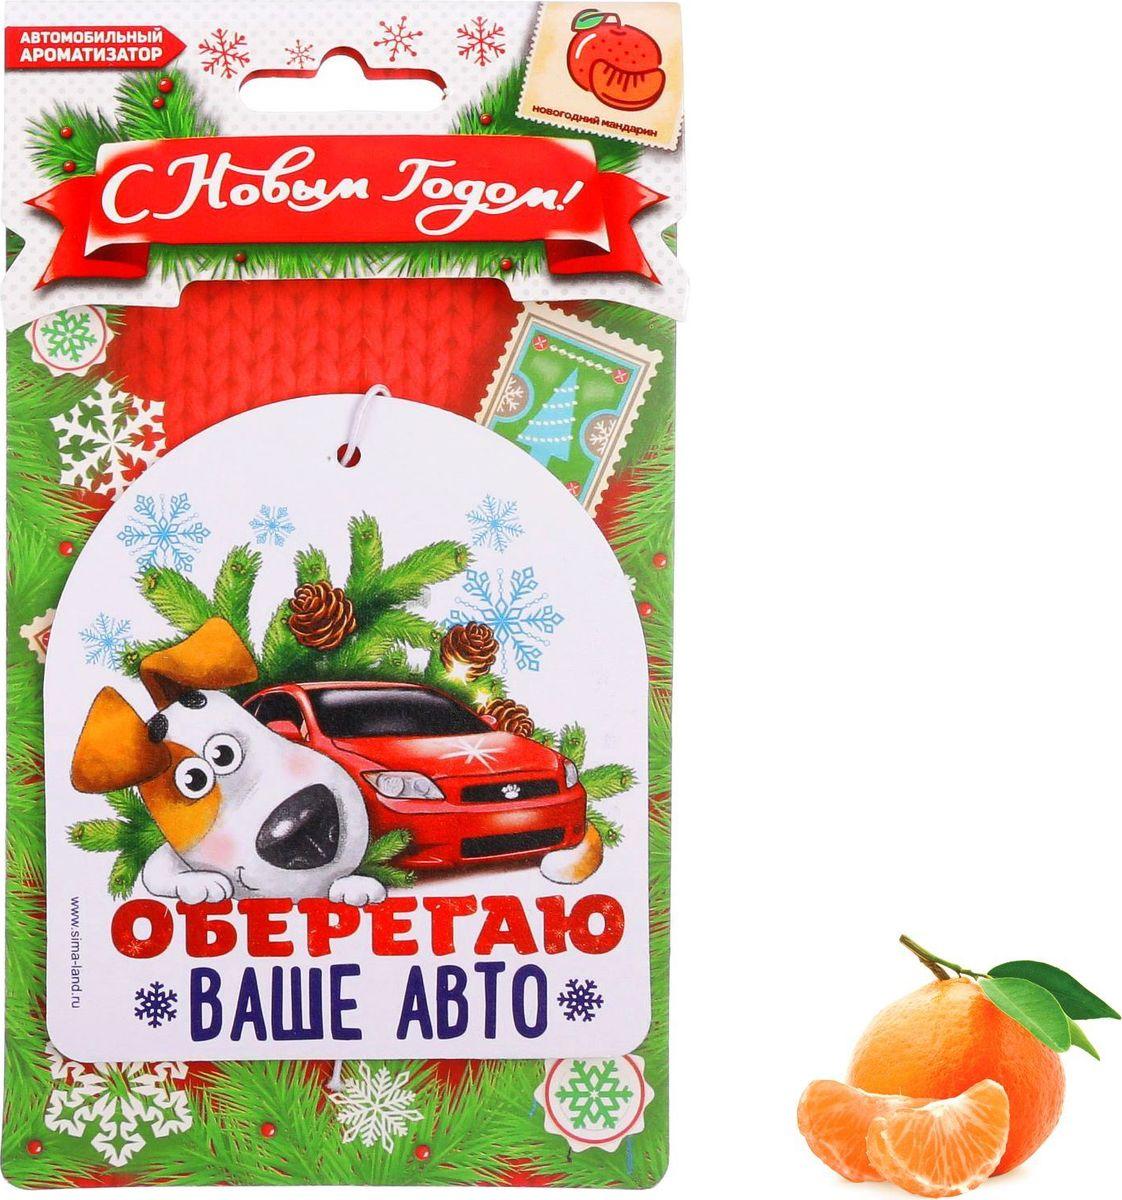 Автомобильный ароматизатор Оберегаю ваше автоFHO-0414Ароматизатор в автомобиль — оригинальный и полезный подарок для всех любителей езды с ветерком! Он сделает более комфортными ежедневные путешествия по трассам и пробкам. Стильный дизайн и приятный запах не оставят равнодушными ни владельца машины, ни пассажиров.